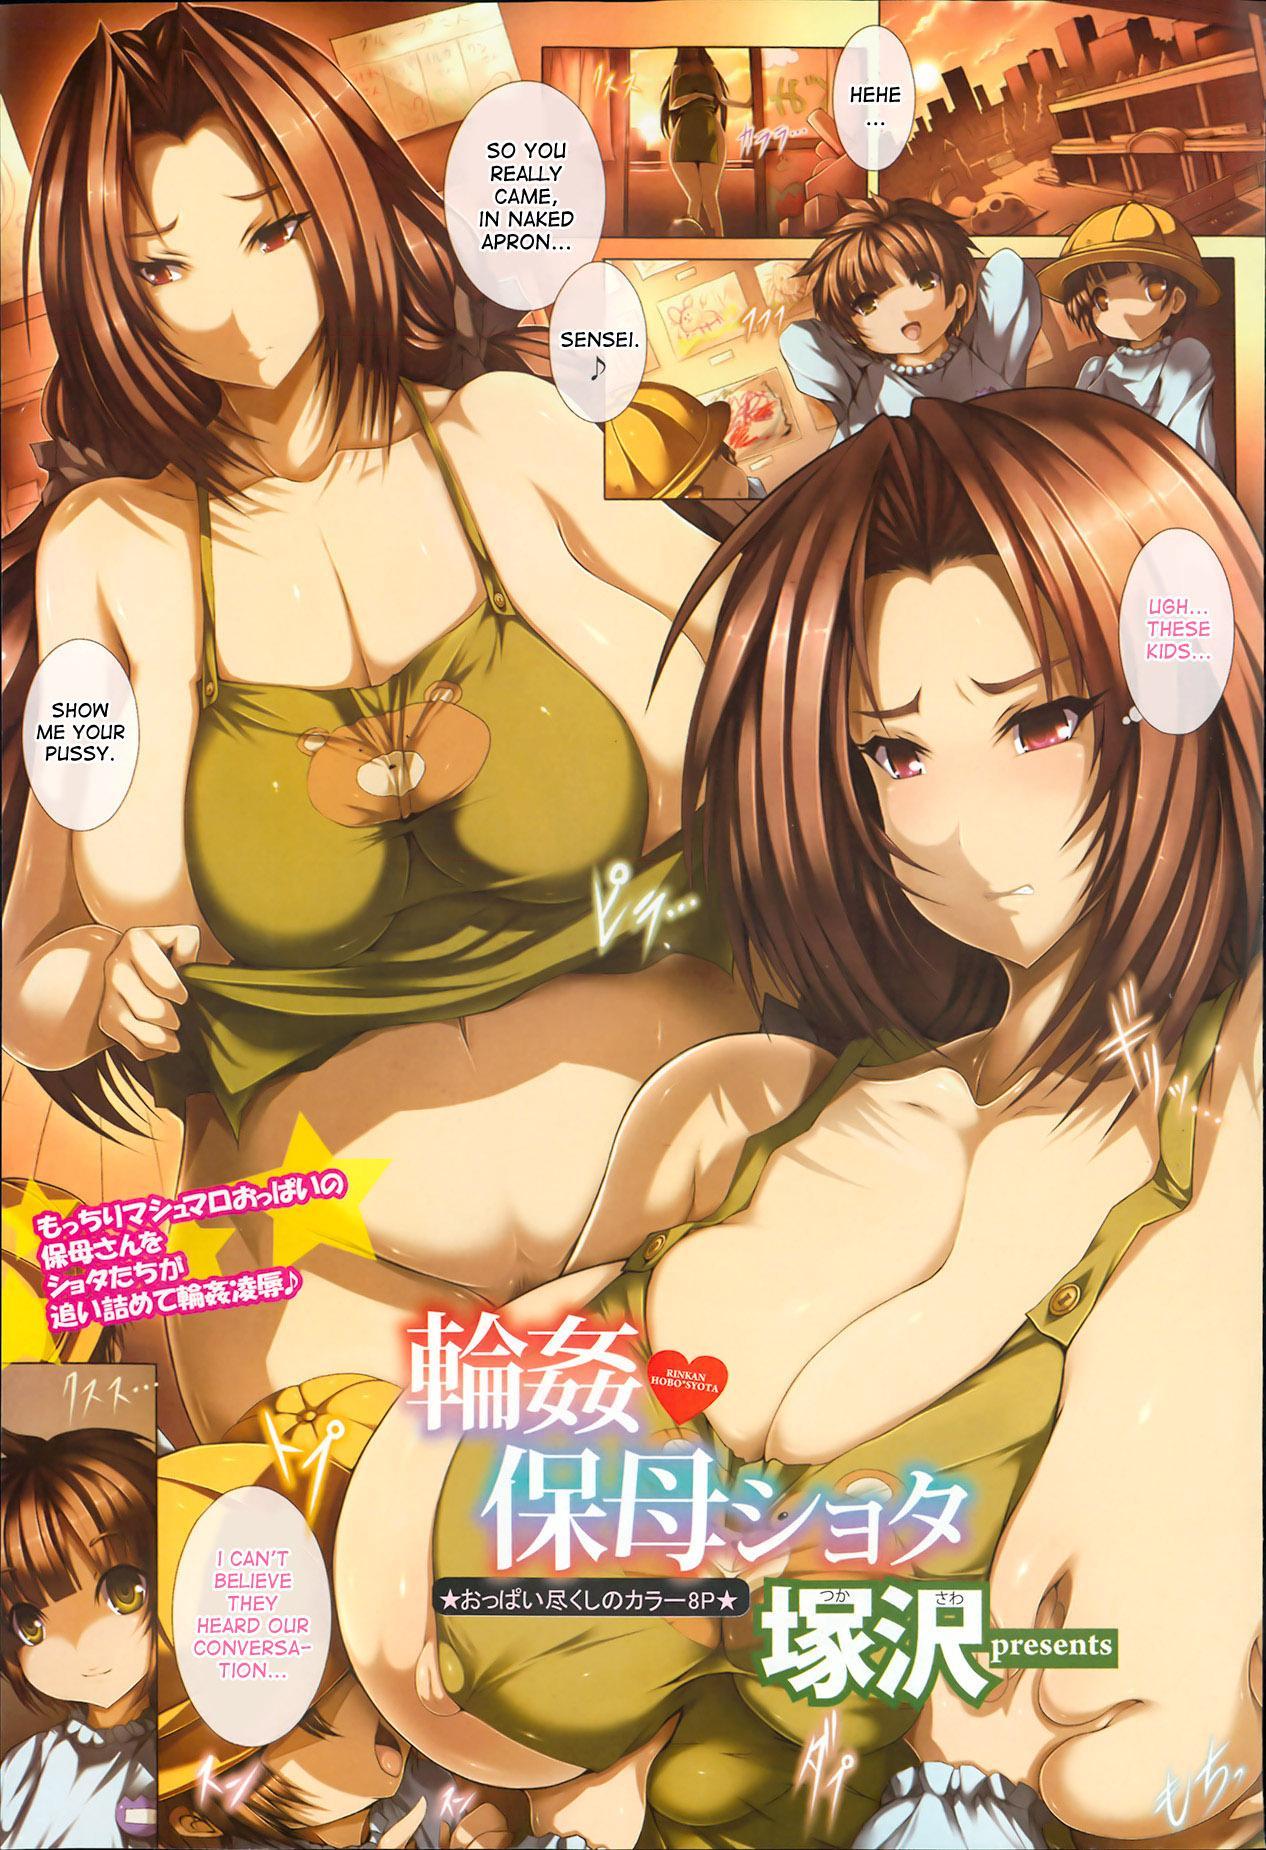 Rinkan Hobo Shota   Gangbang Day-care Lady and Shota 0